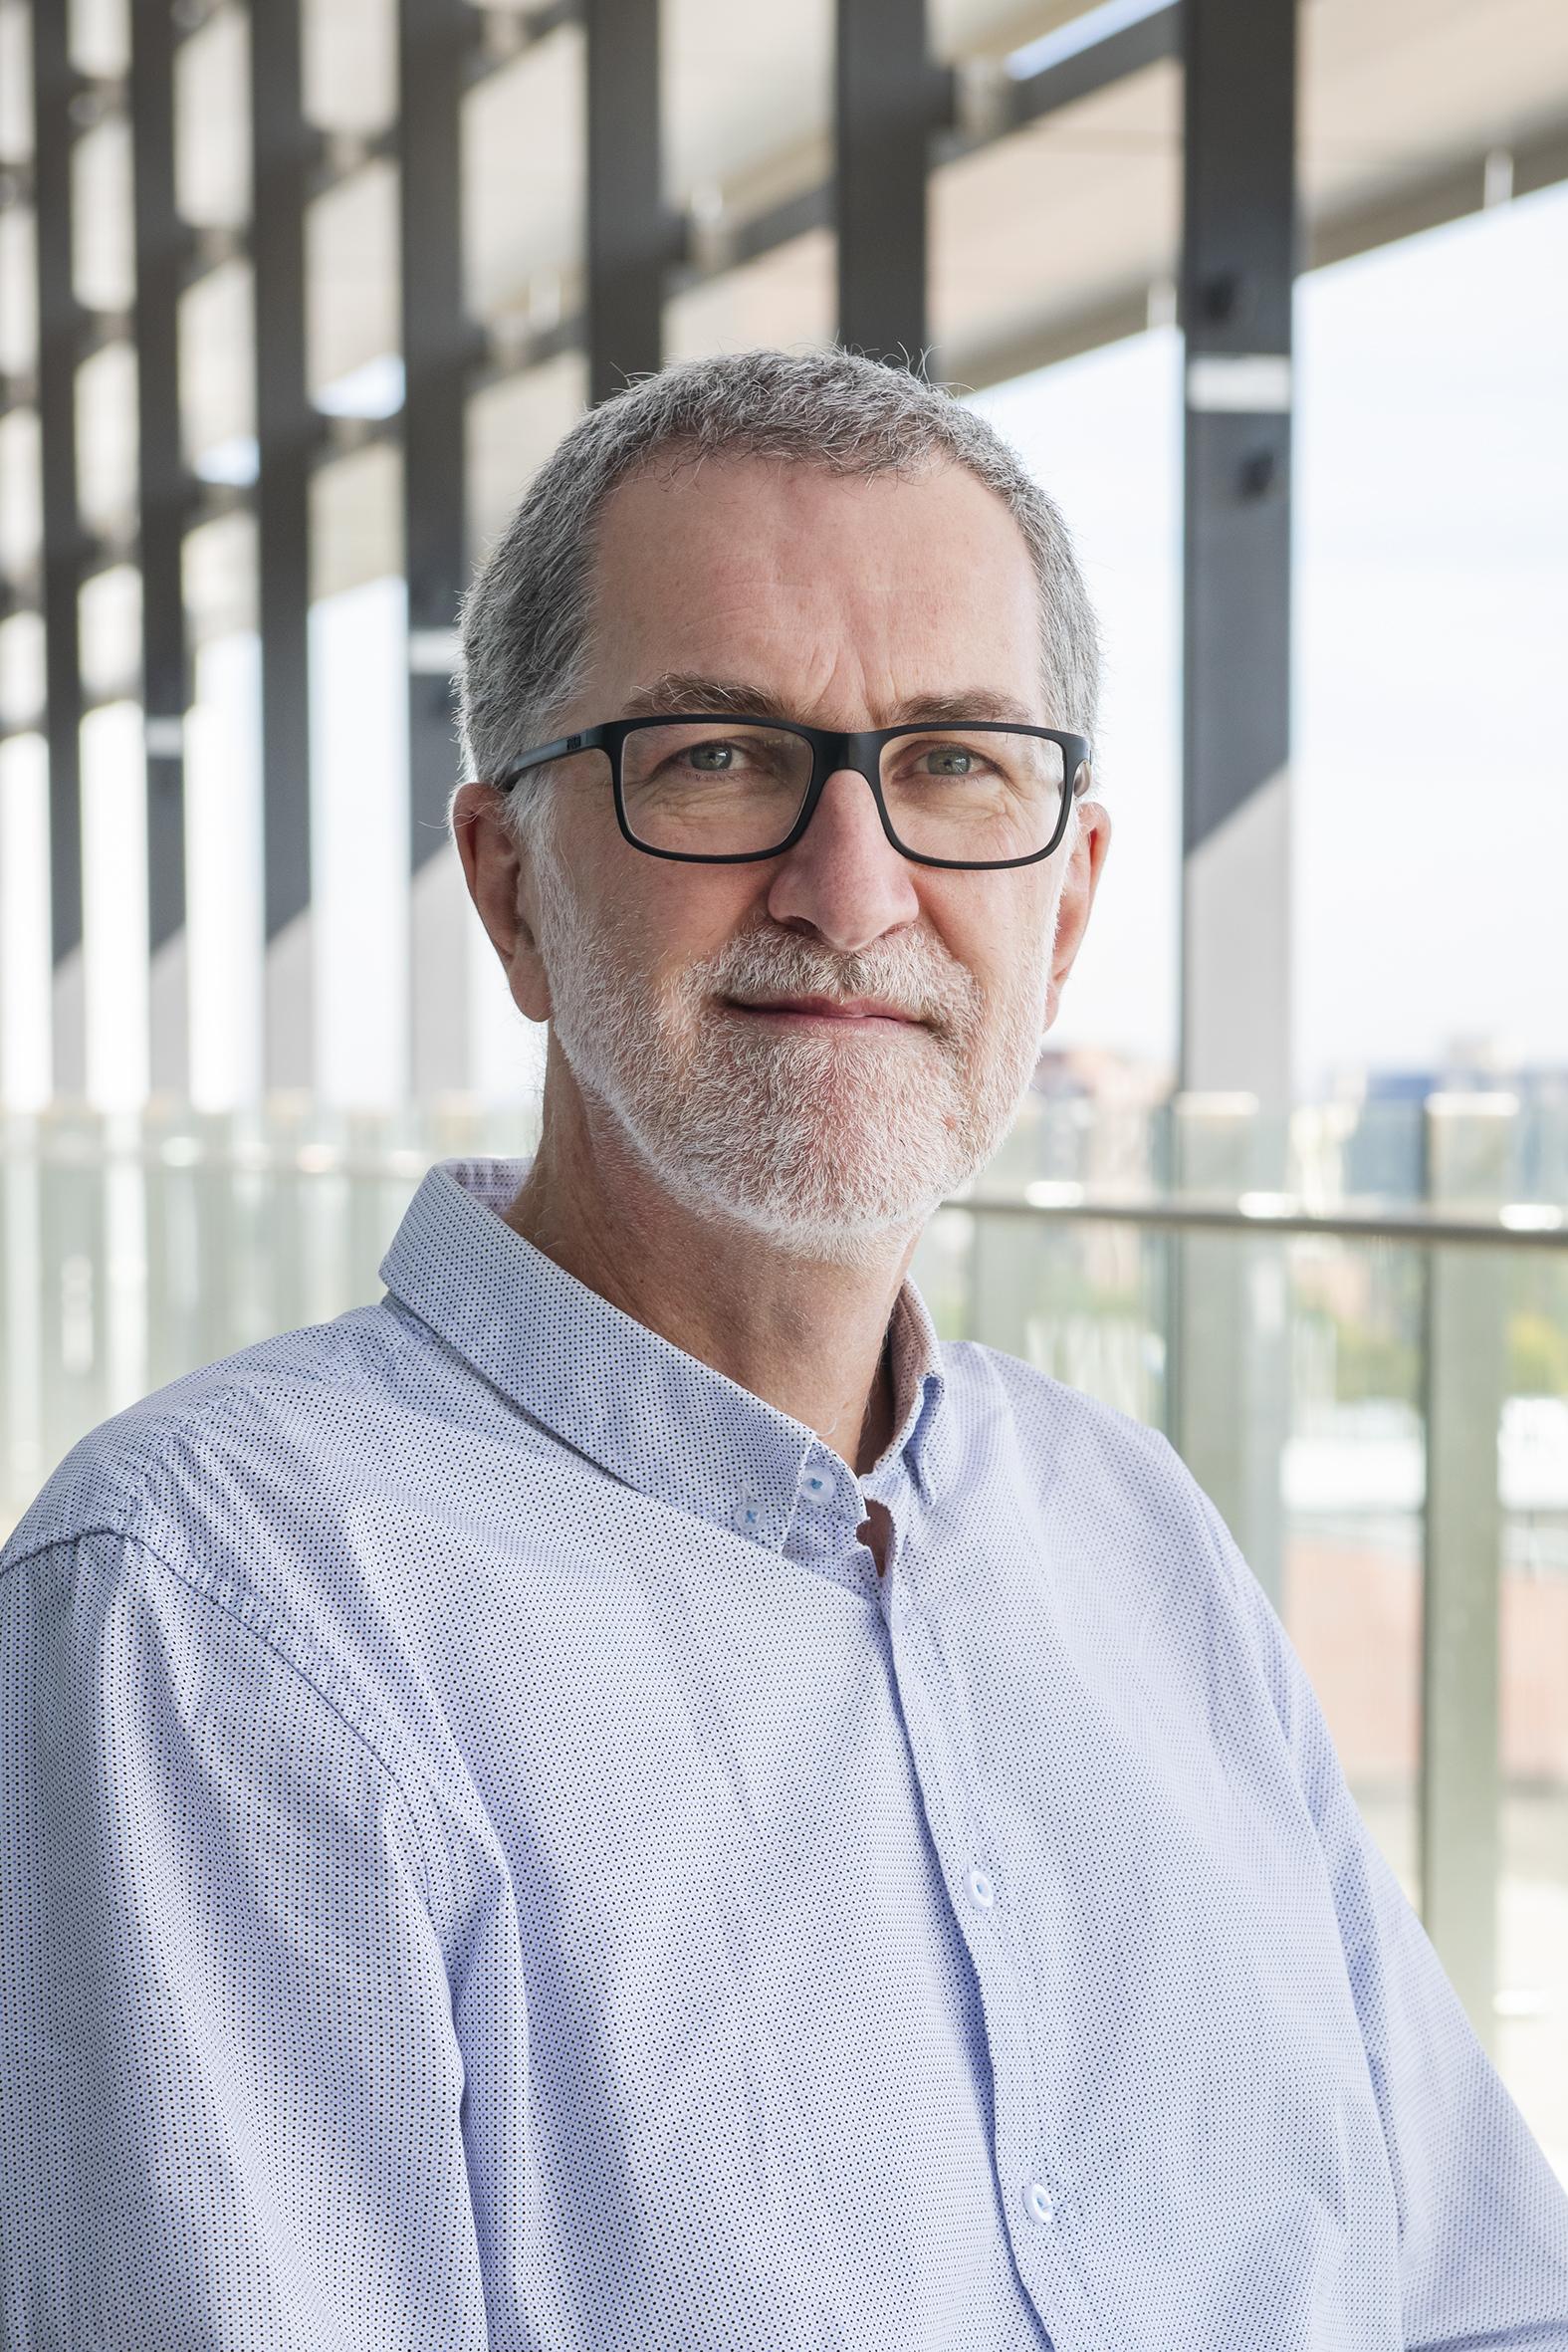 Professor Warren Alexander